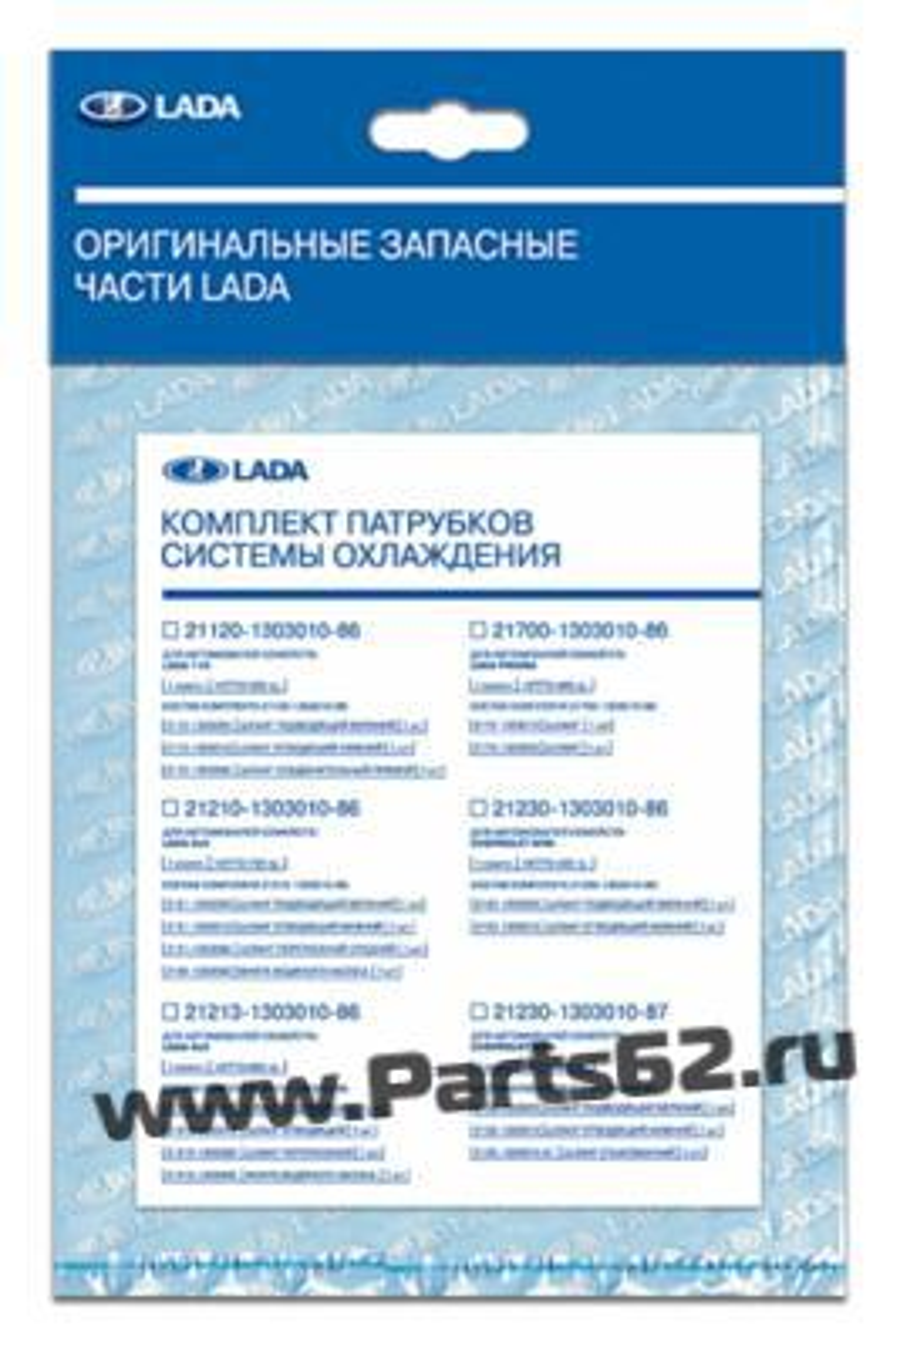 Комплект патрубков системы охлаждения